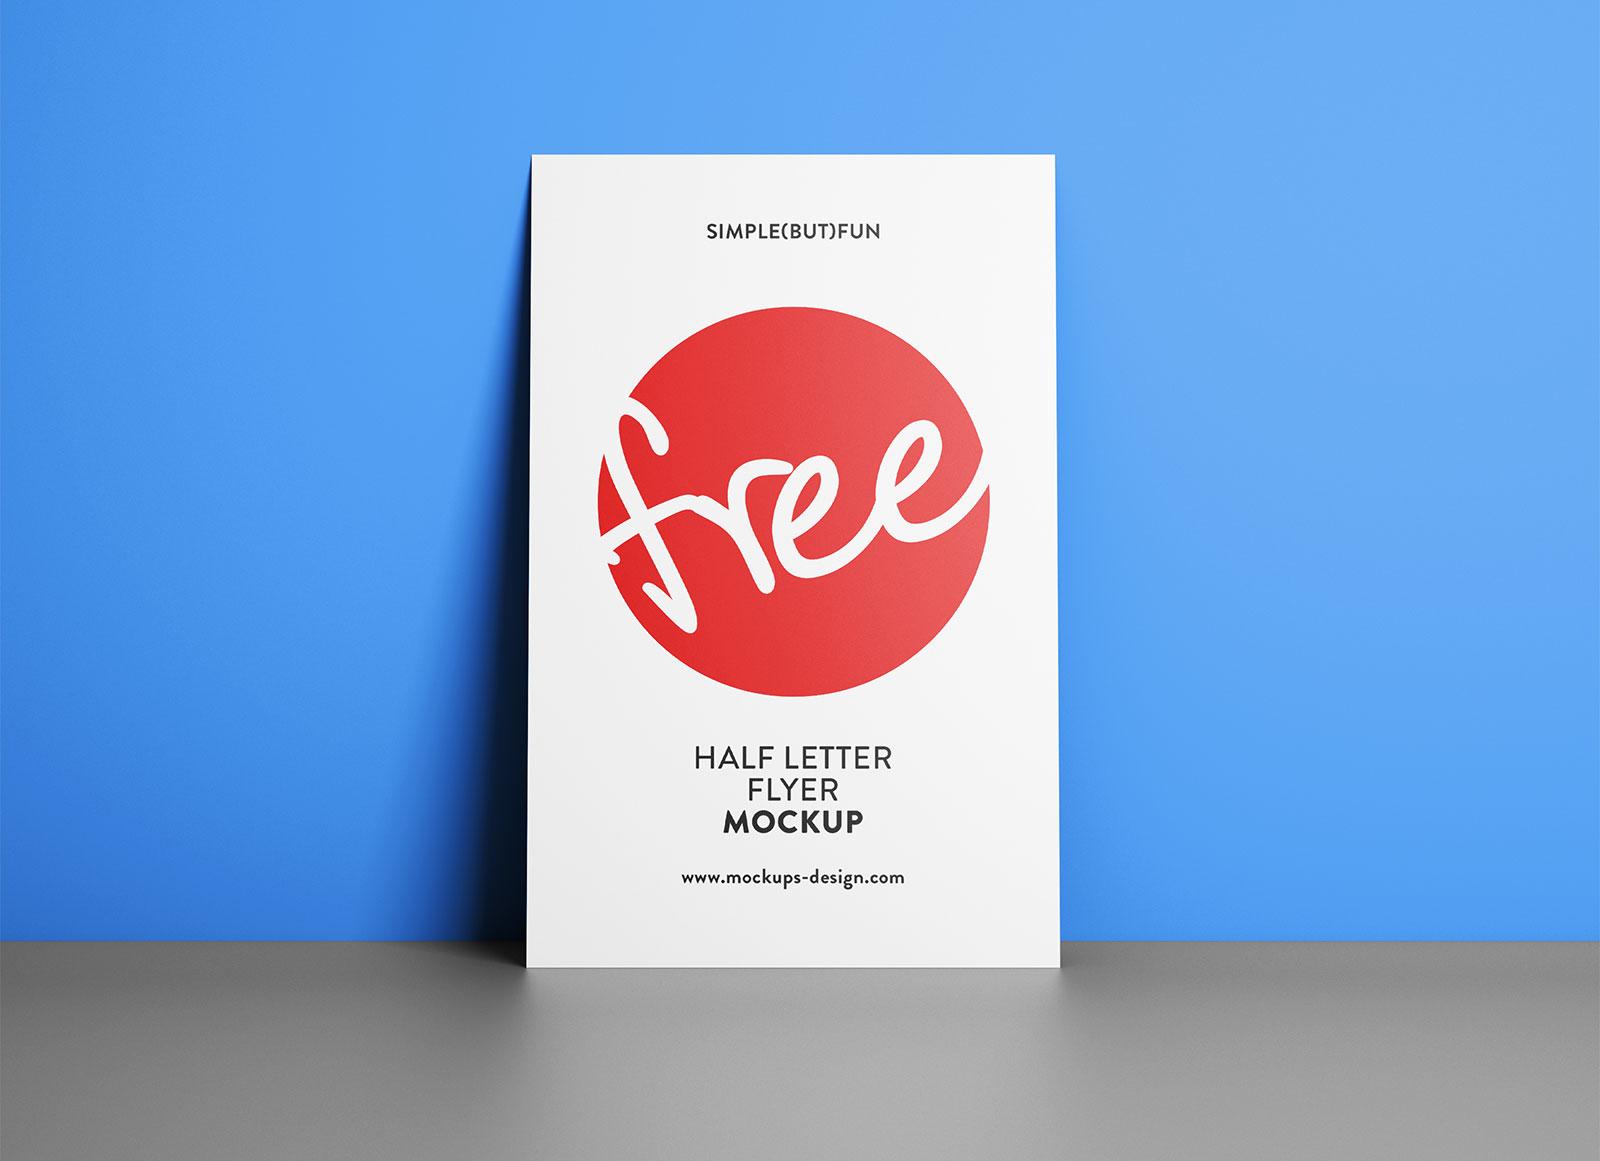 Free-Half-Letter-Flyer-Mockup_PSD